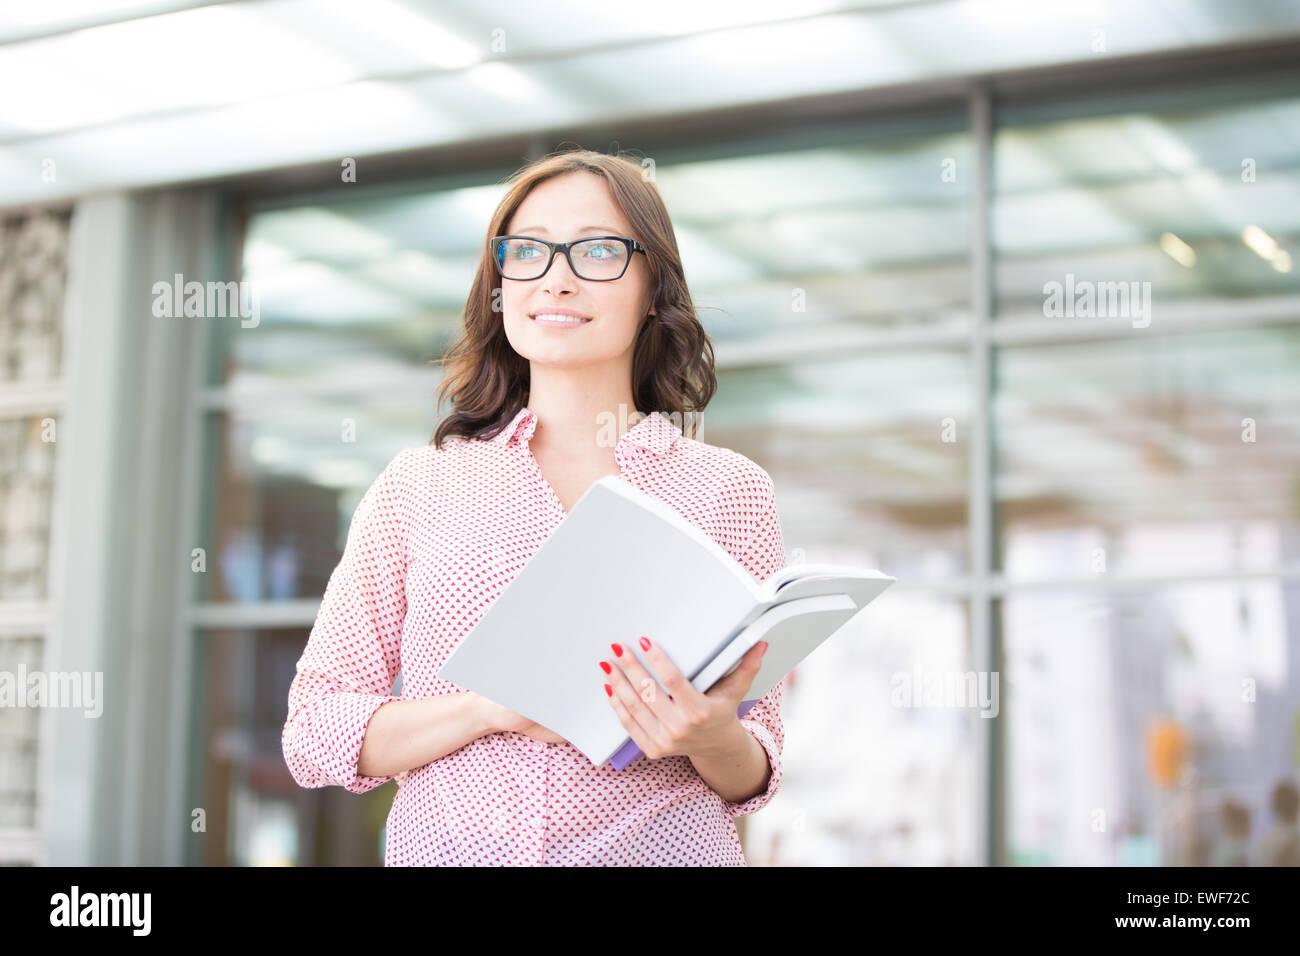 Lächelnde Frau wegsehen außerhalb Gebäude mit gedrückter Stockbild